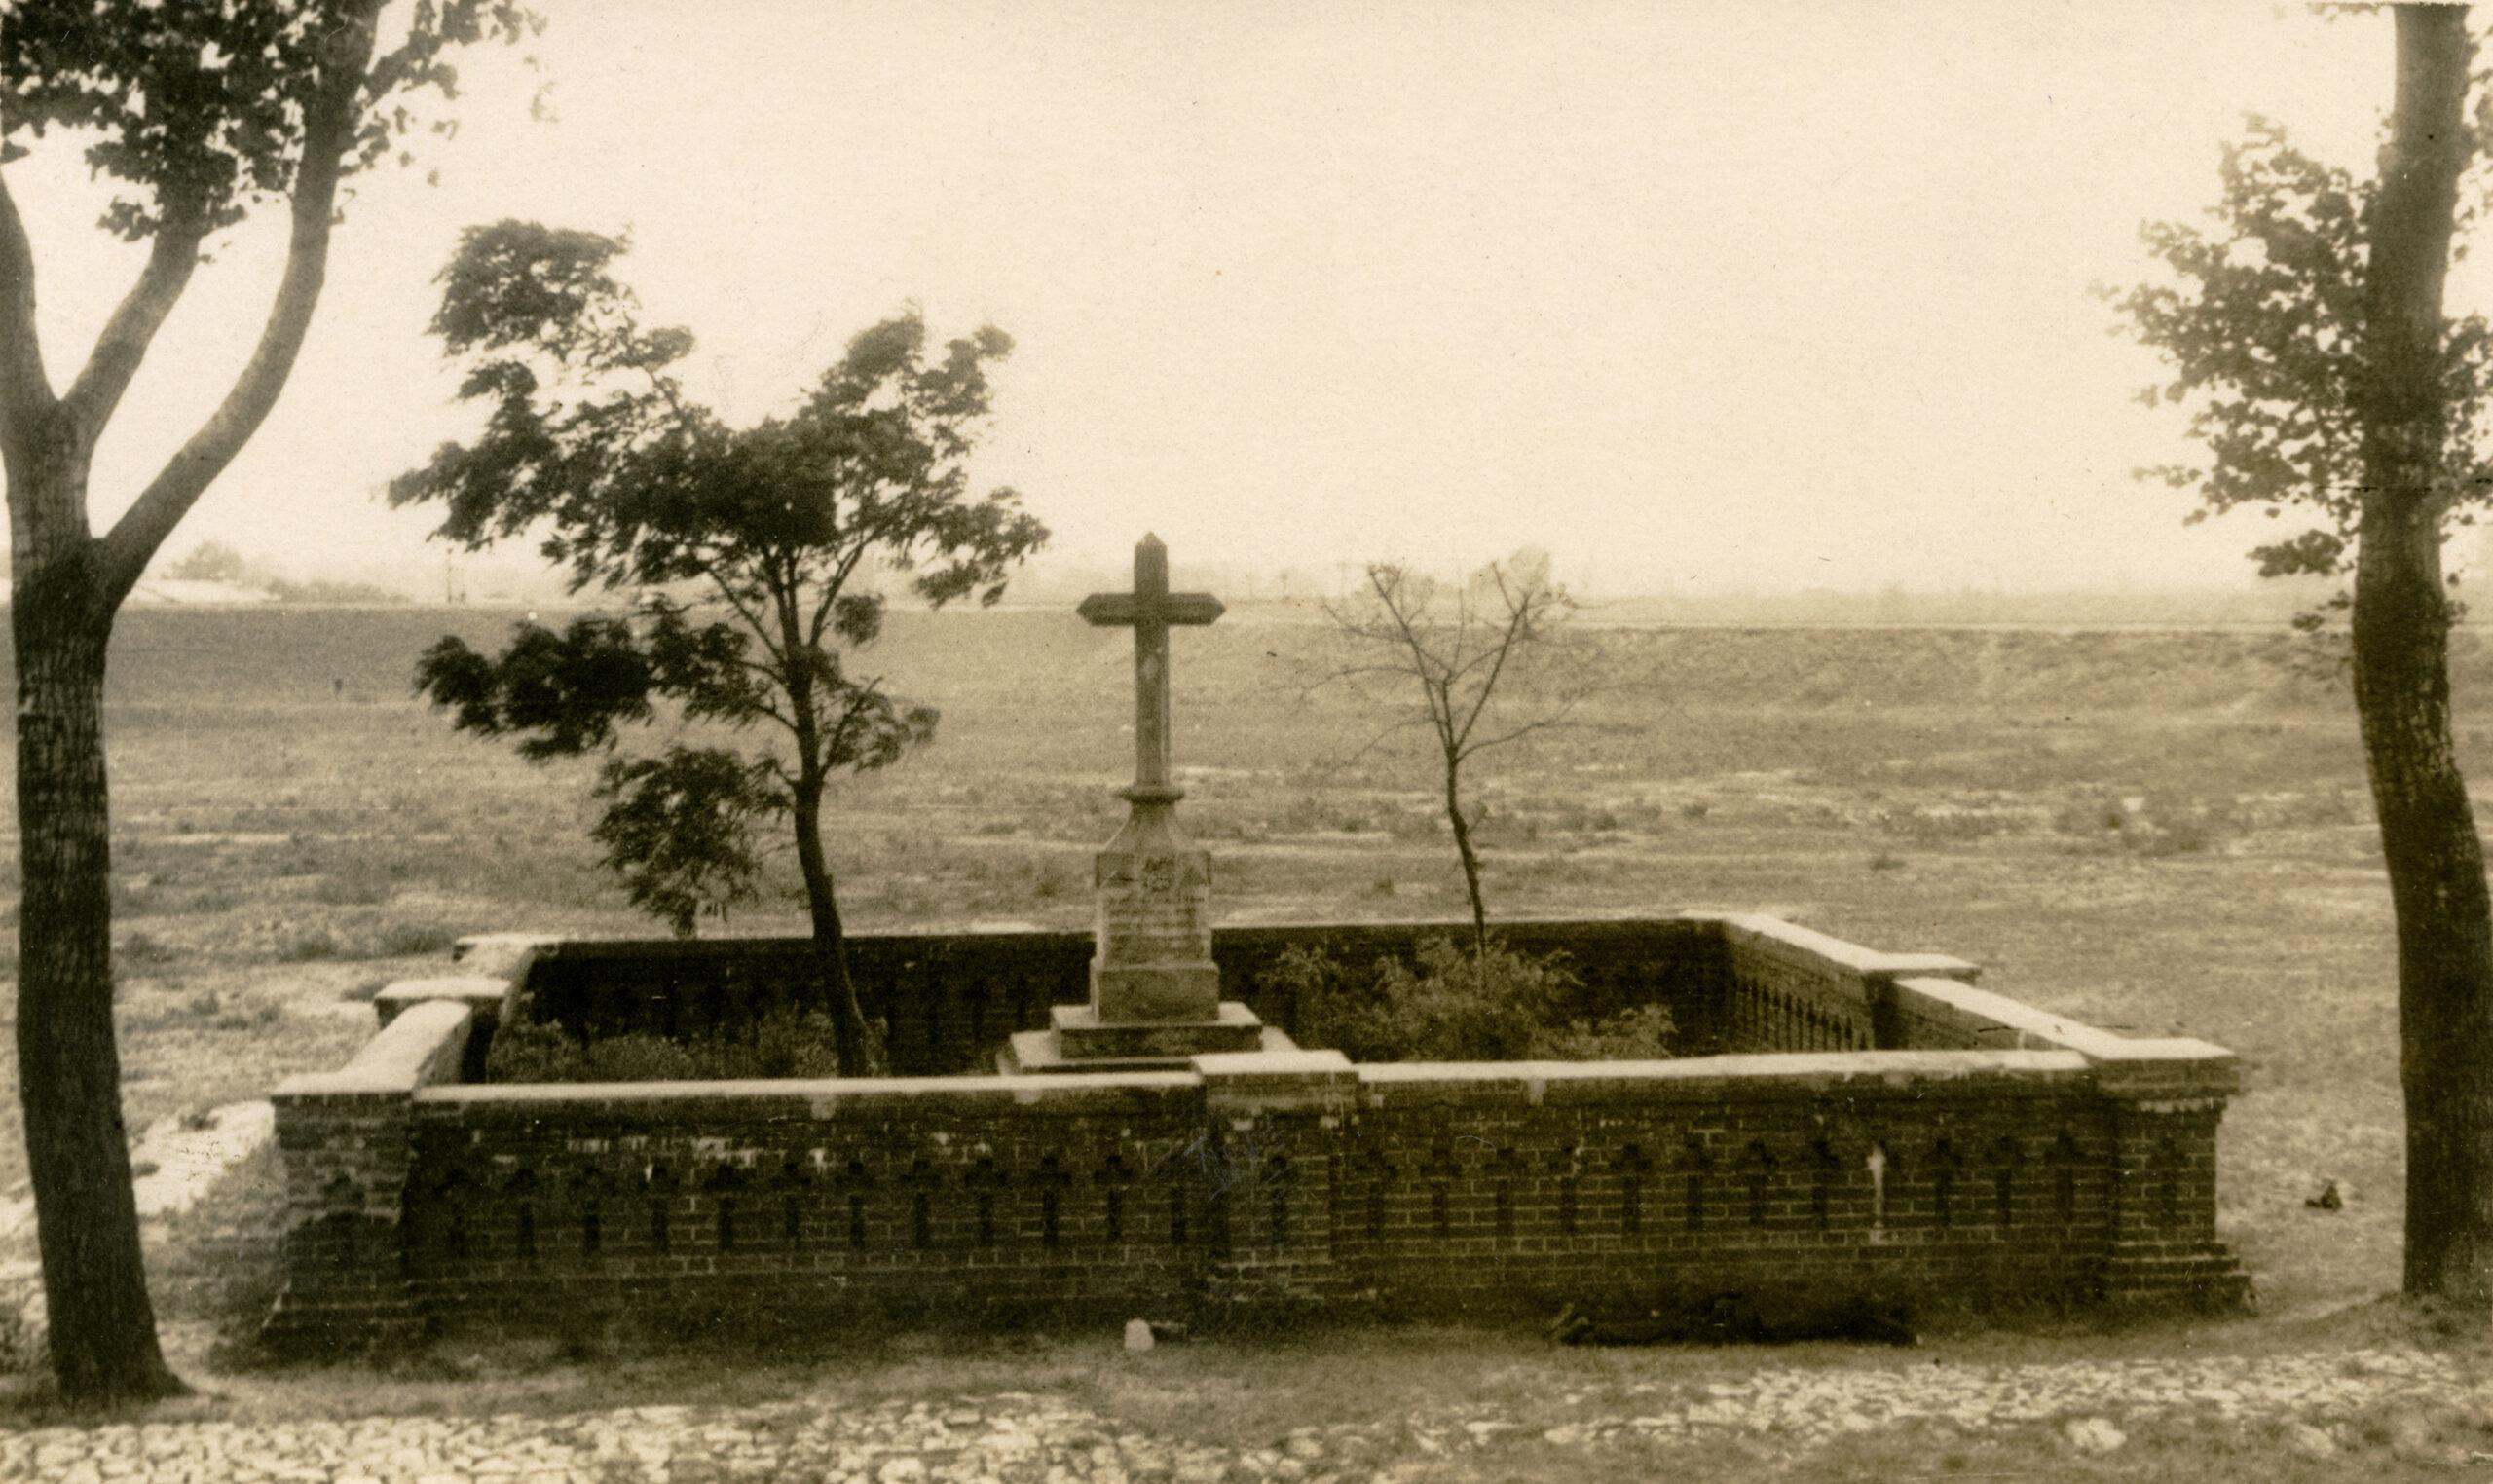 Czarno białe zdjęcie mogiły oznaczonej niskim murkiem i kamiennym krzyżem.